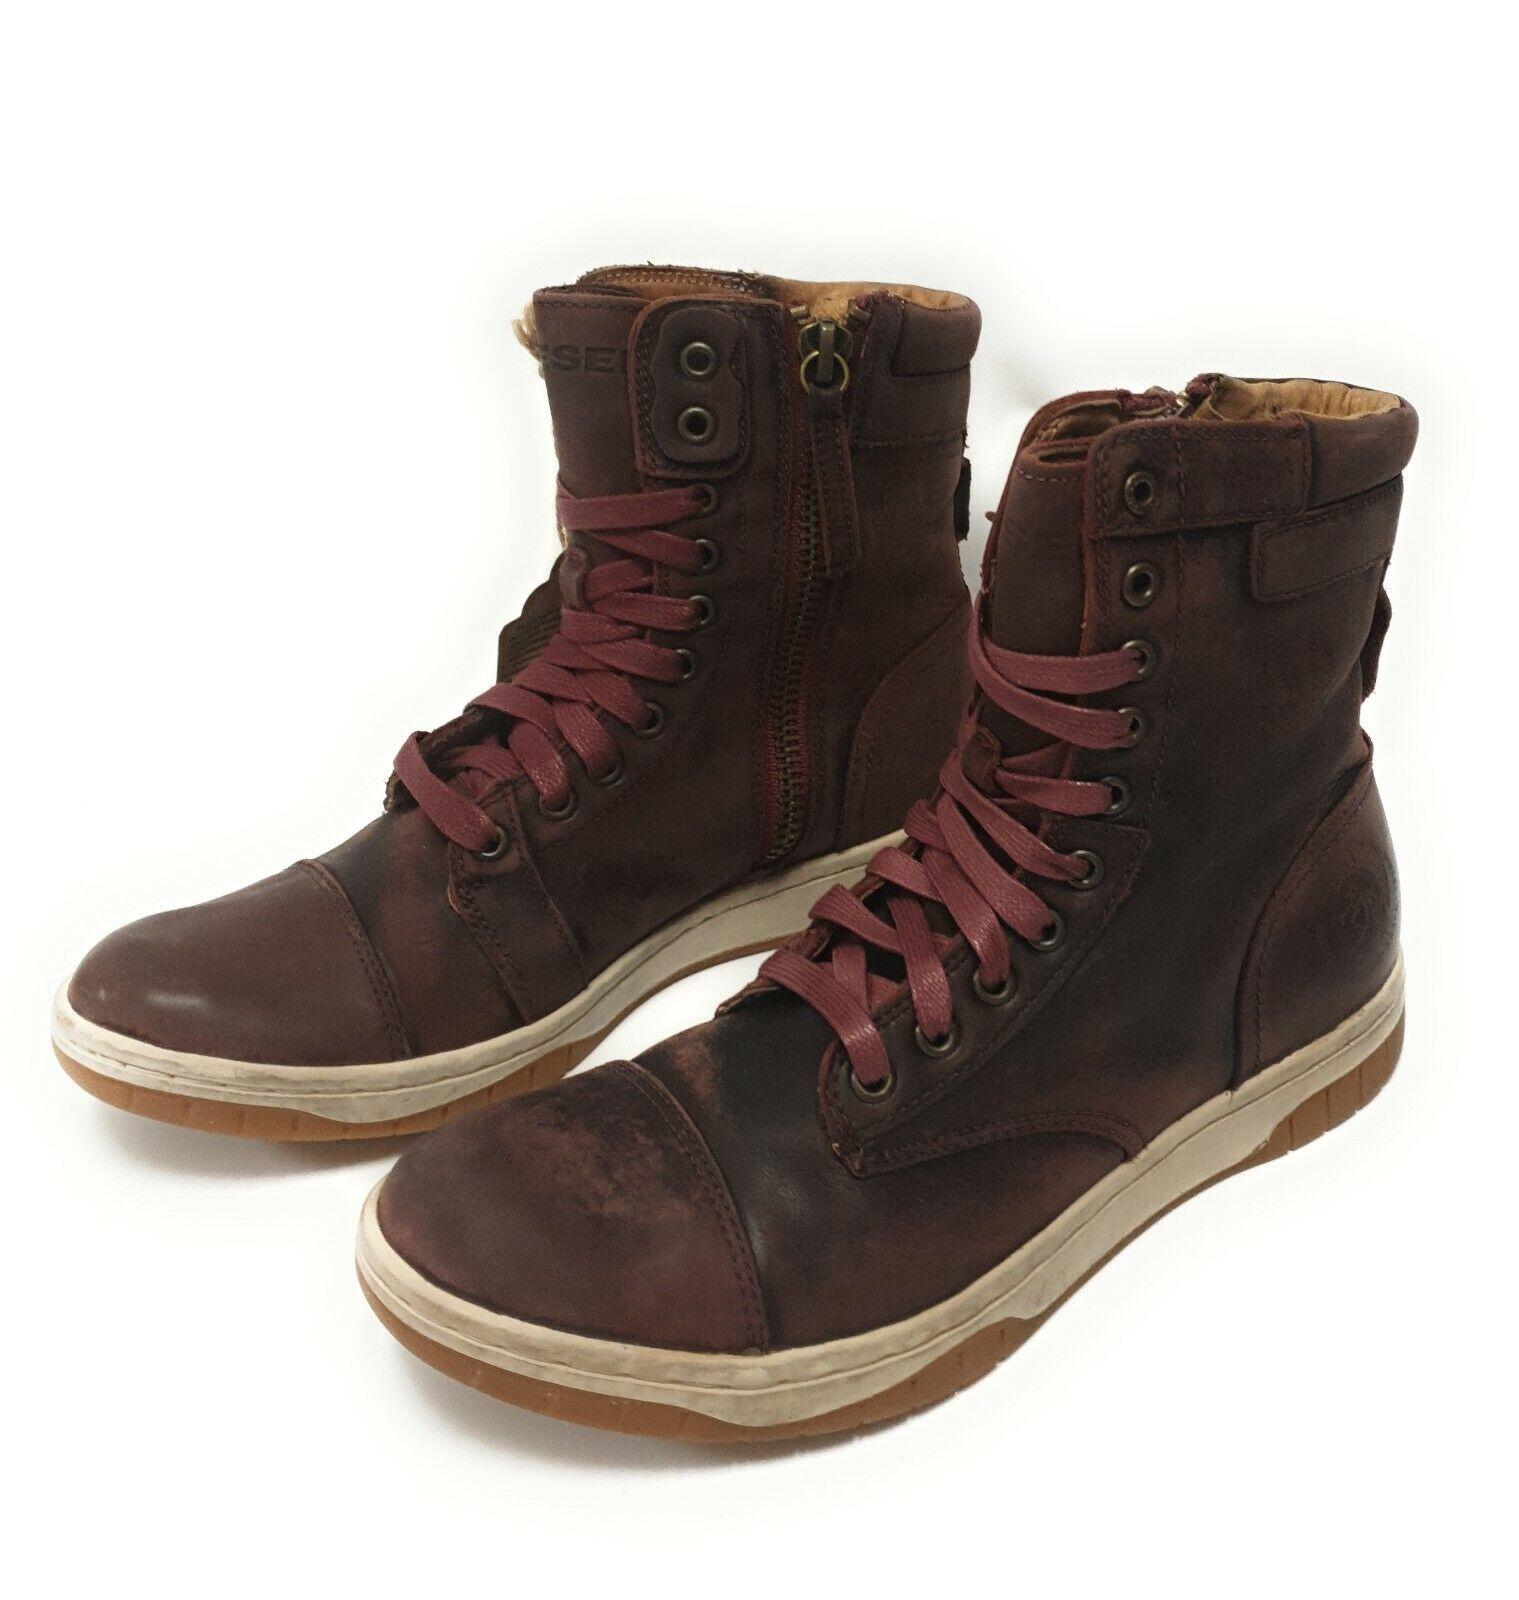 Diesel Basket butsh butsh butsh Zippy caballero zapatillas de cuero con cordones botas Man zapatos z1  el mejor servicio post-venta